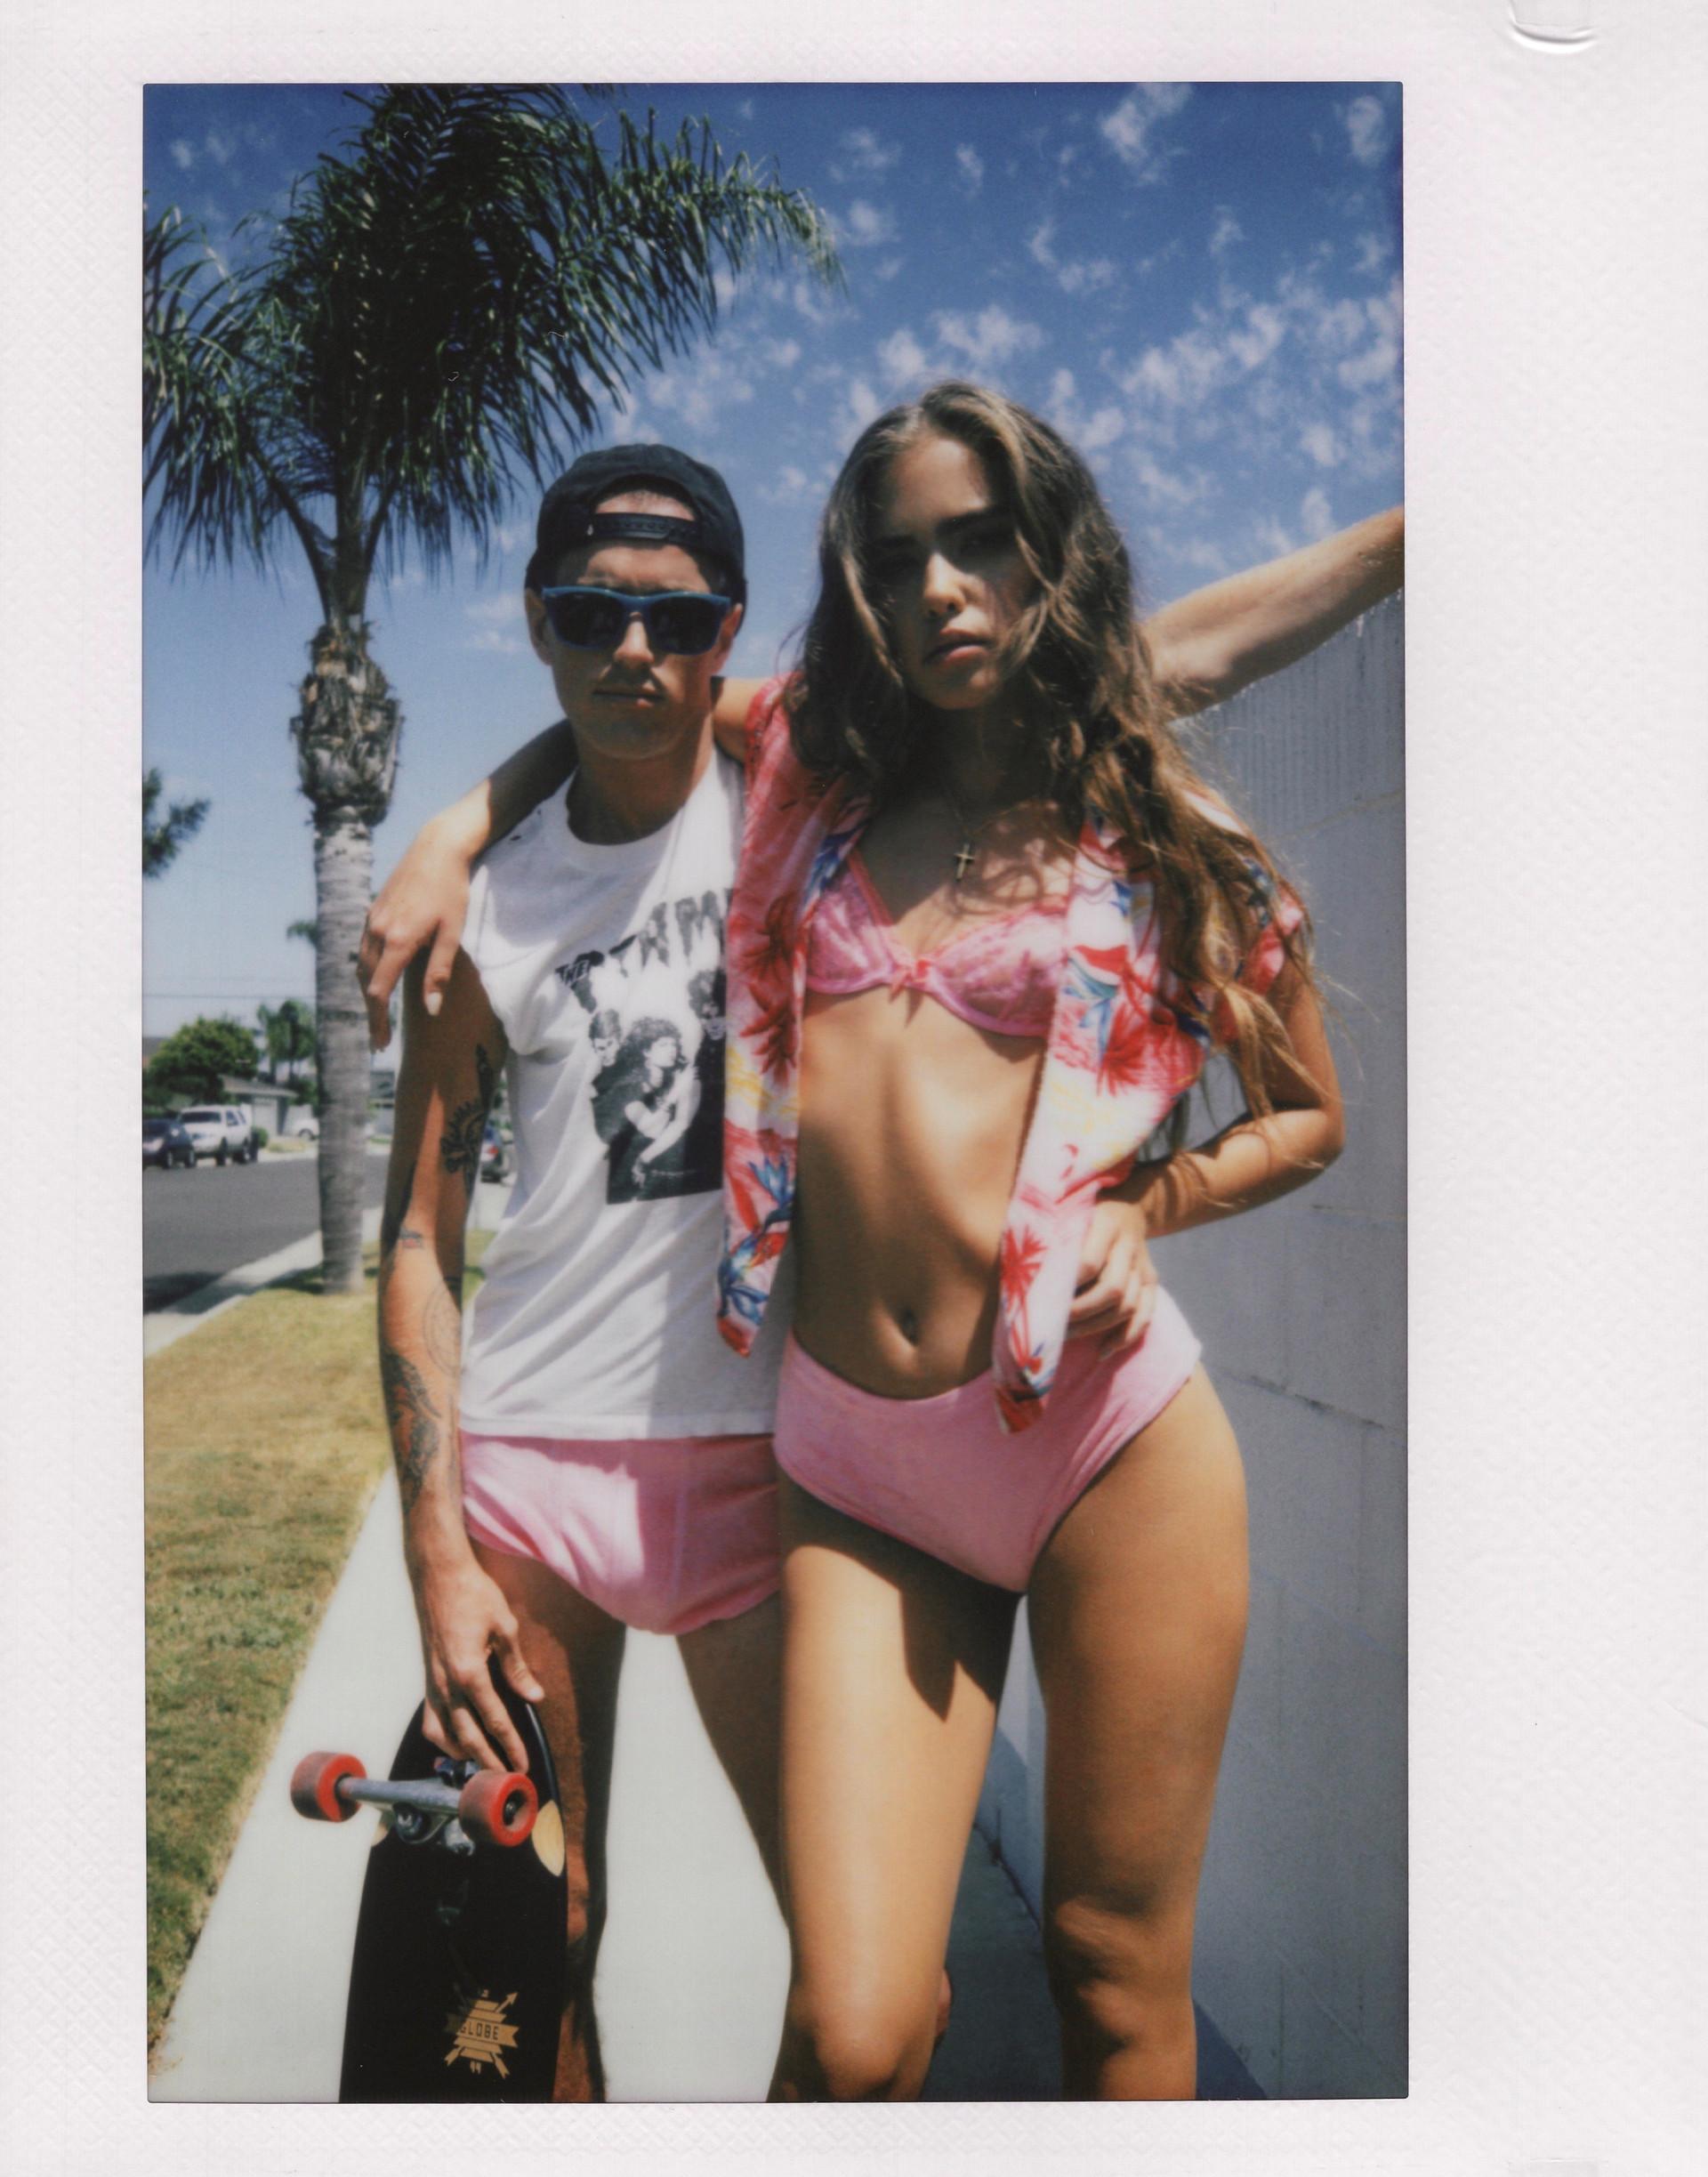 his n hers polaroid 4.jpg